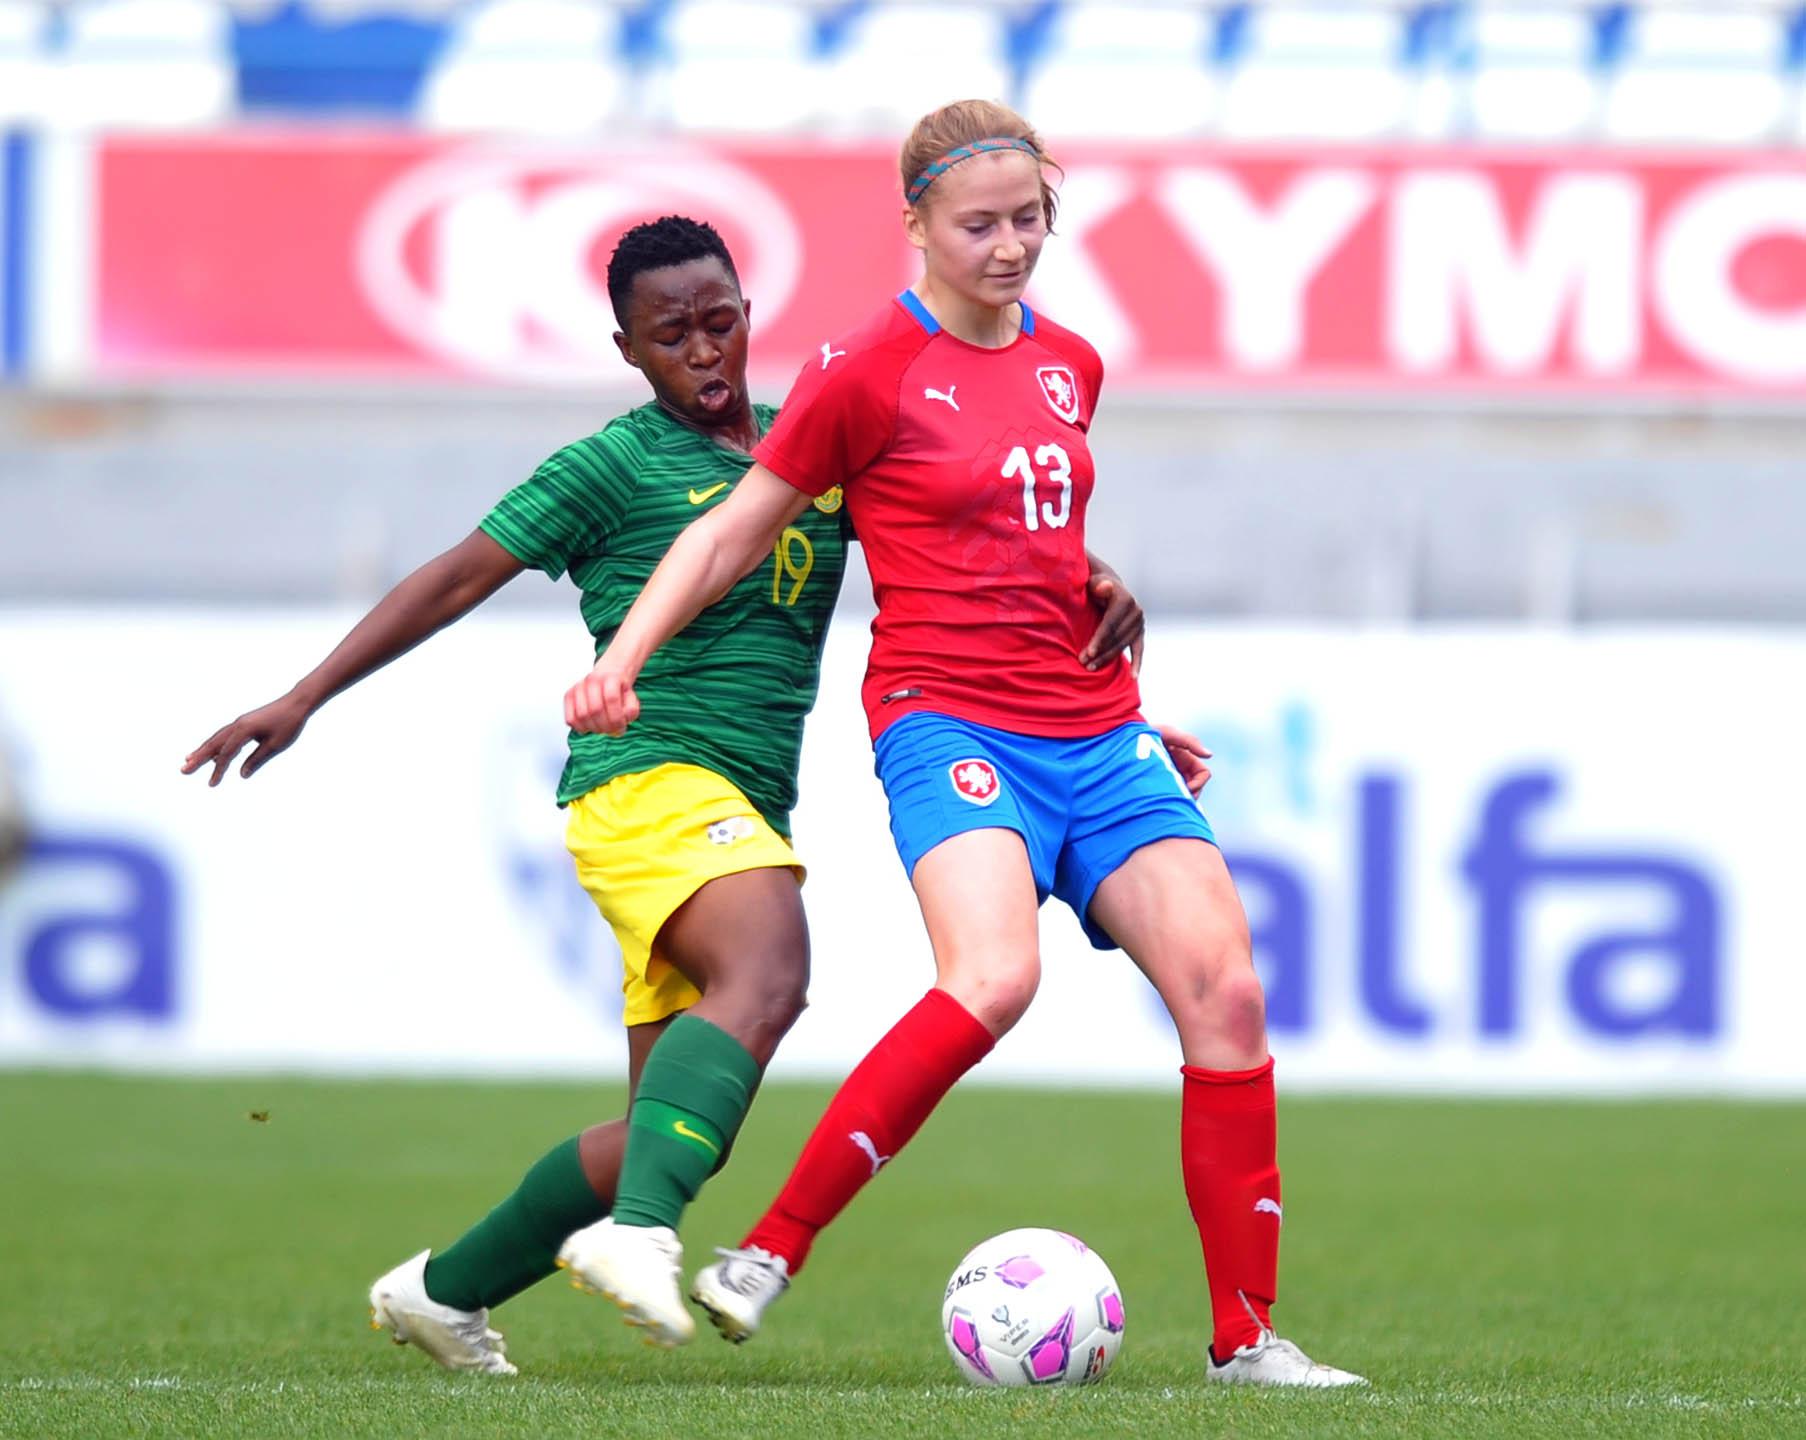 Cyprus Women's Cup - Troisième journée : les résultats : COREE DU NORD - ITALIE en finale